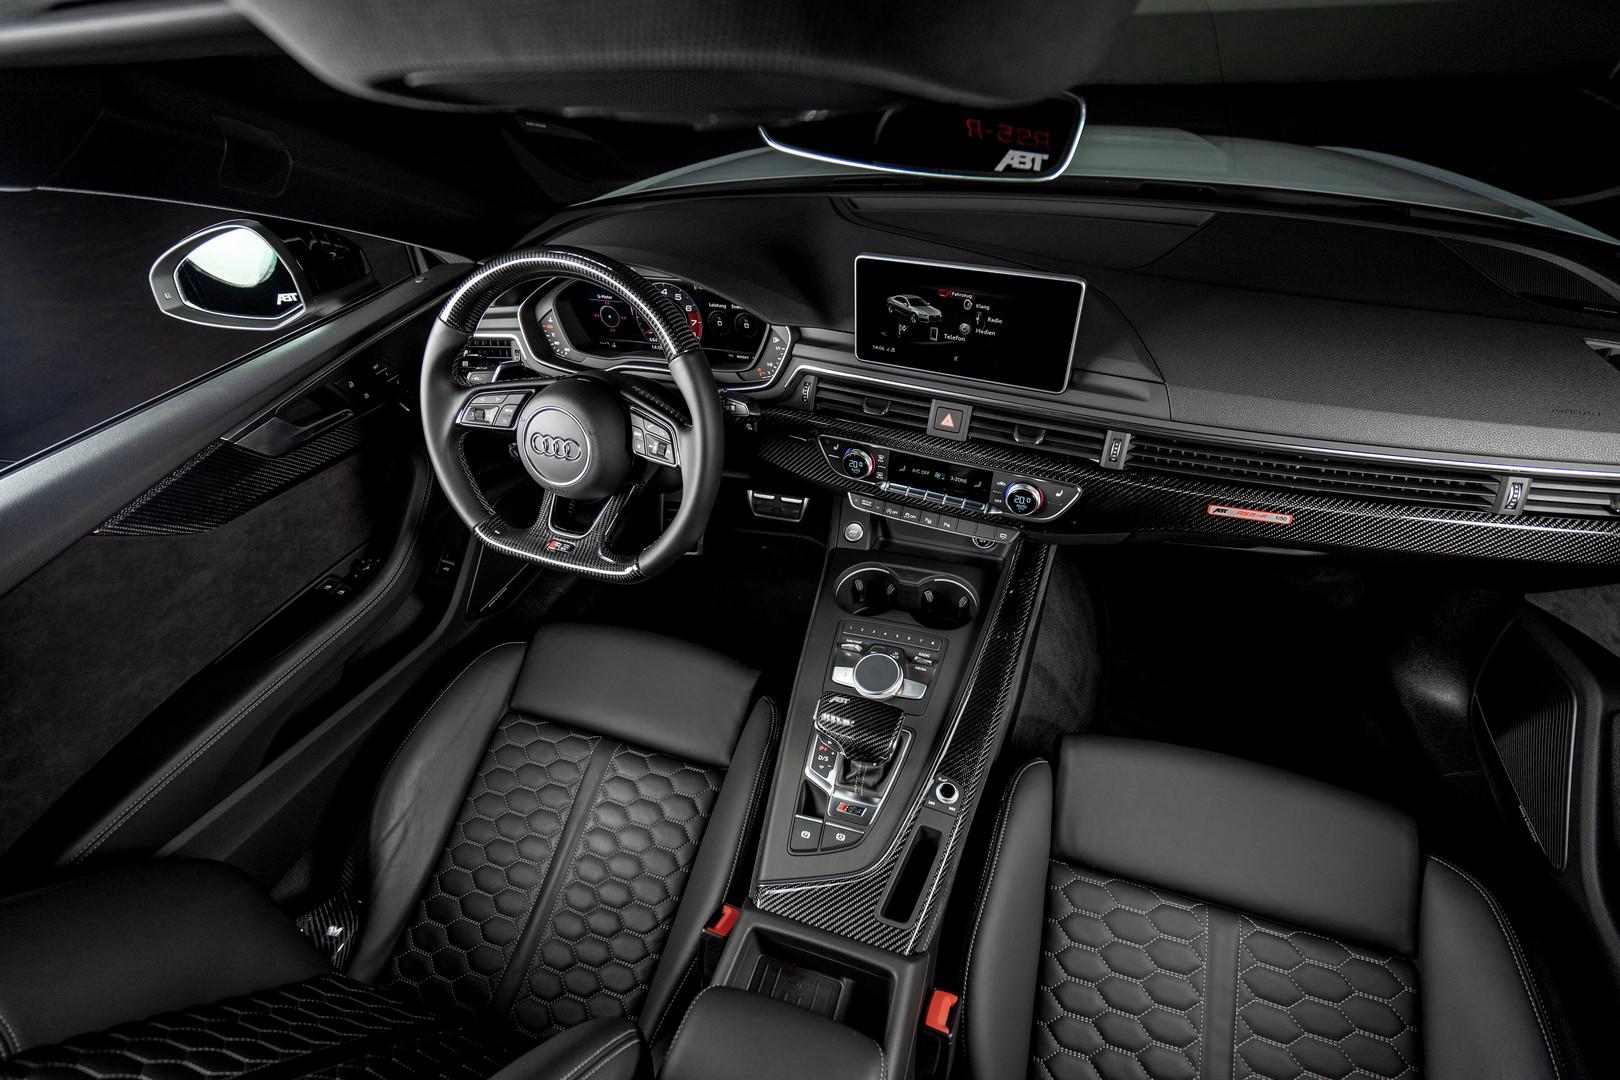 Carbon Fiber Seat Controls